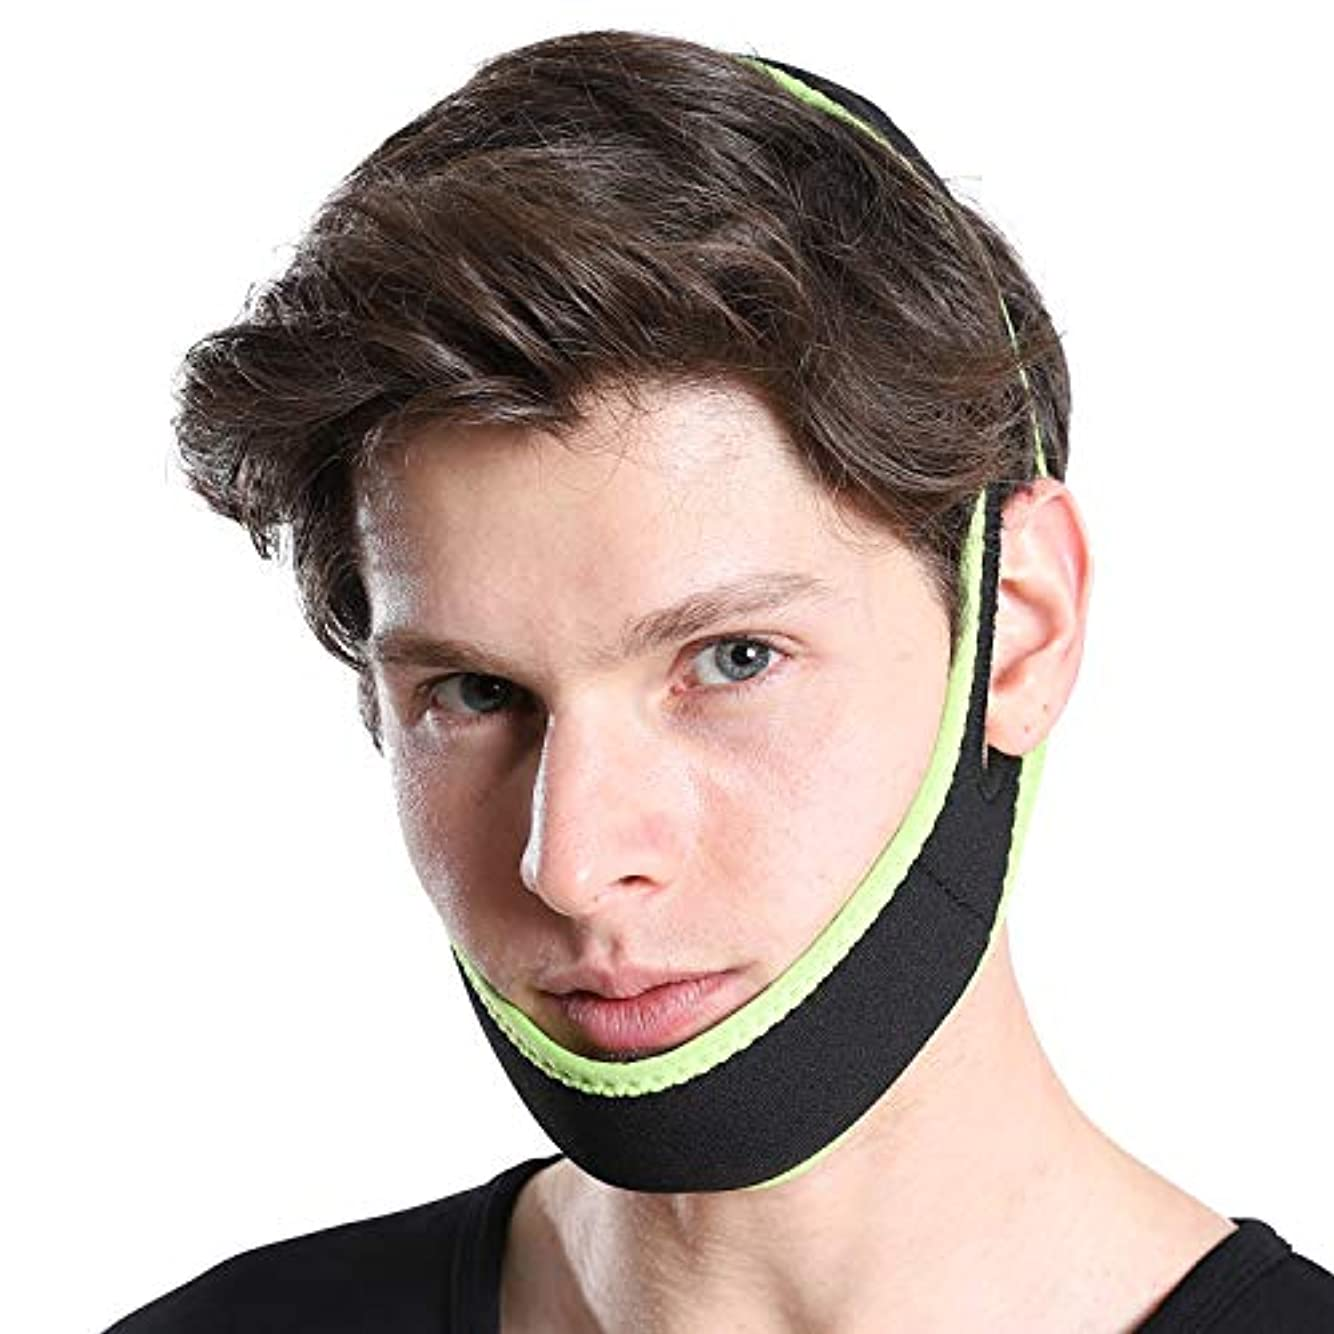 スケジュール過言アルプスELPIRKA 小顔マスク メンズ ゲルマニウムチタン 配合で 顔痩せ 小顔 リフトアップ!